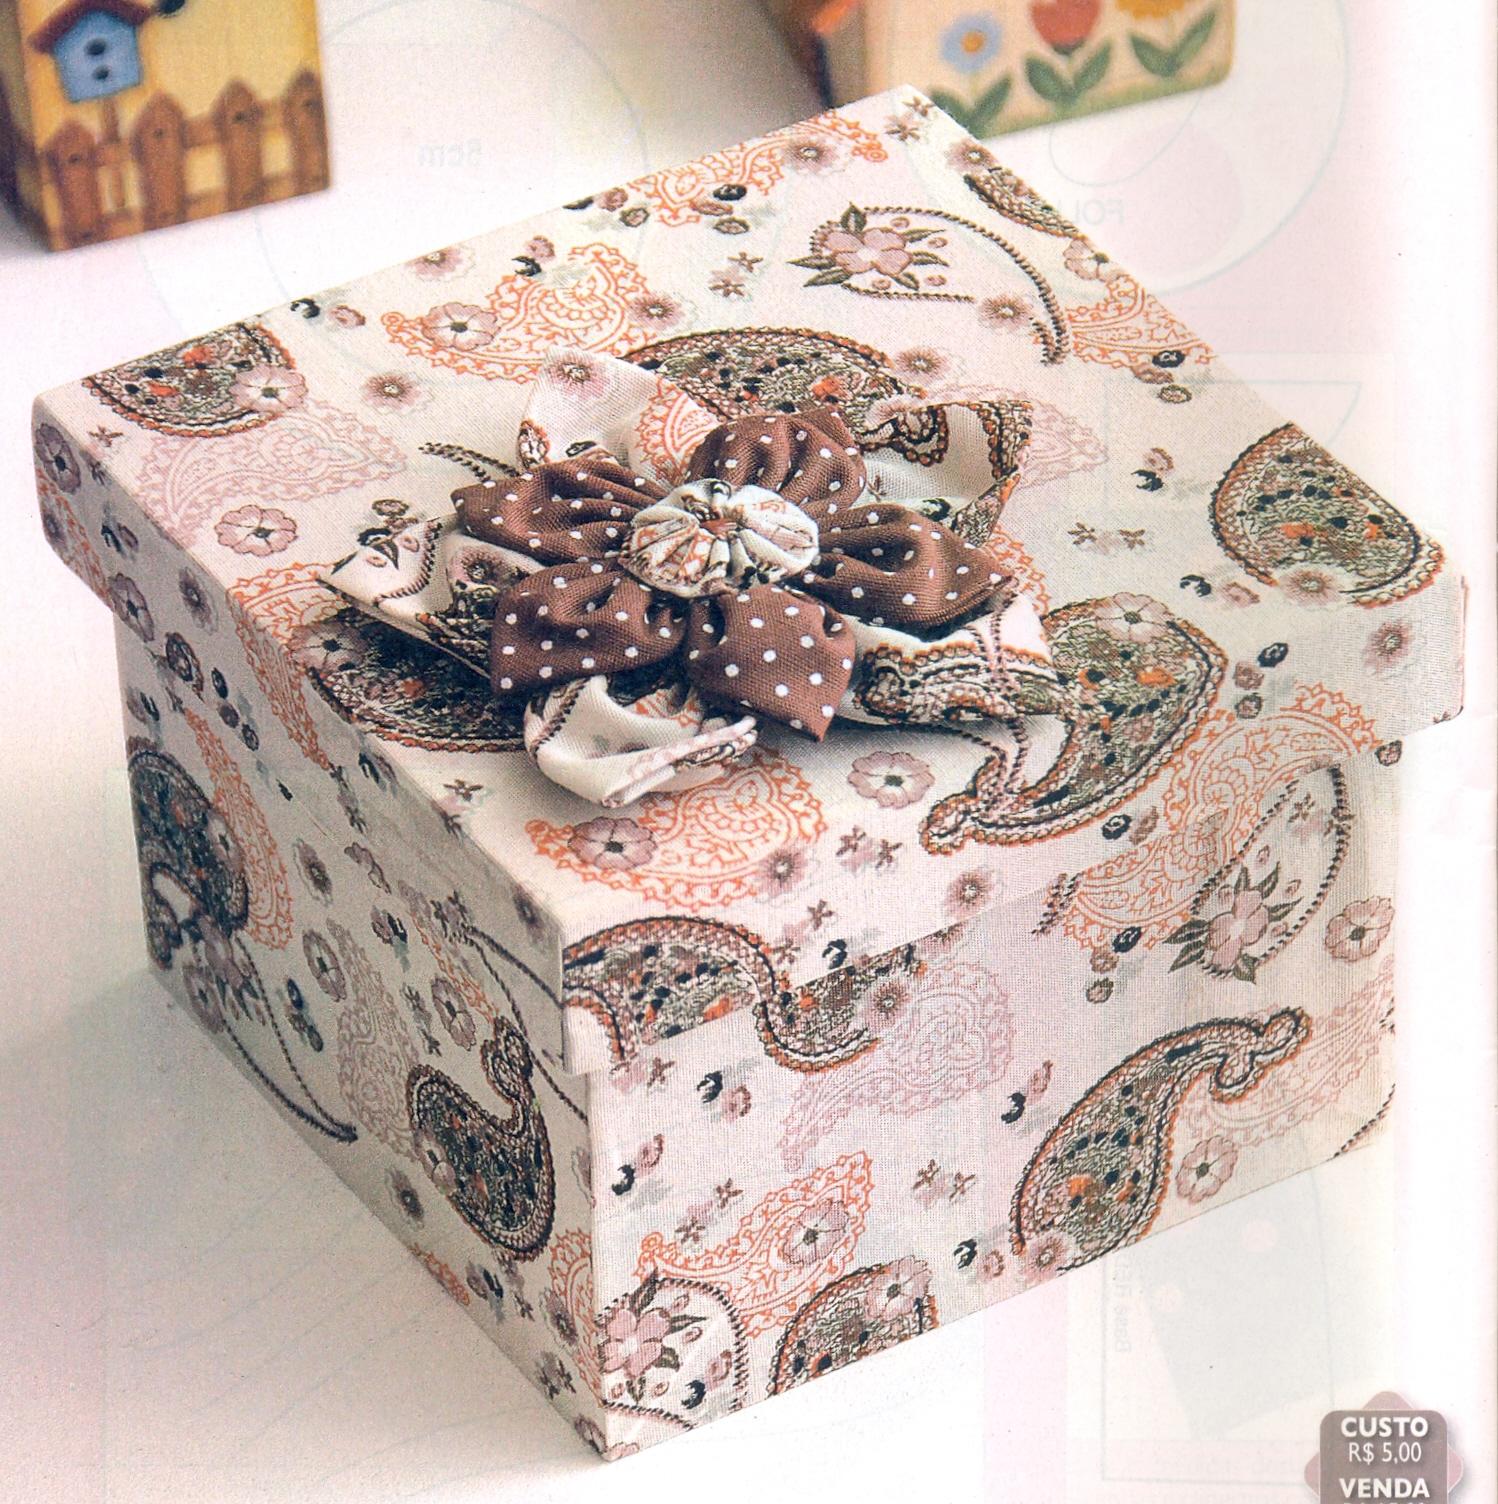 Postando Sobre Artes: pap / tutorial como forrar caixa mdf com tecido #965835 1498x1504